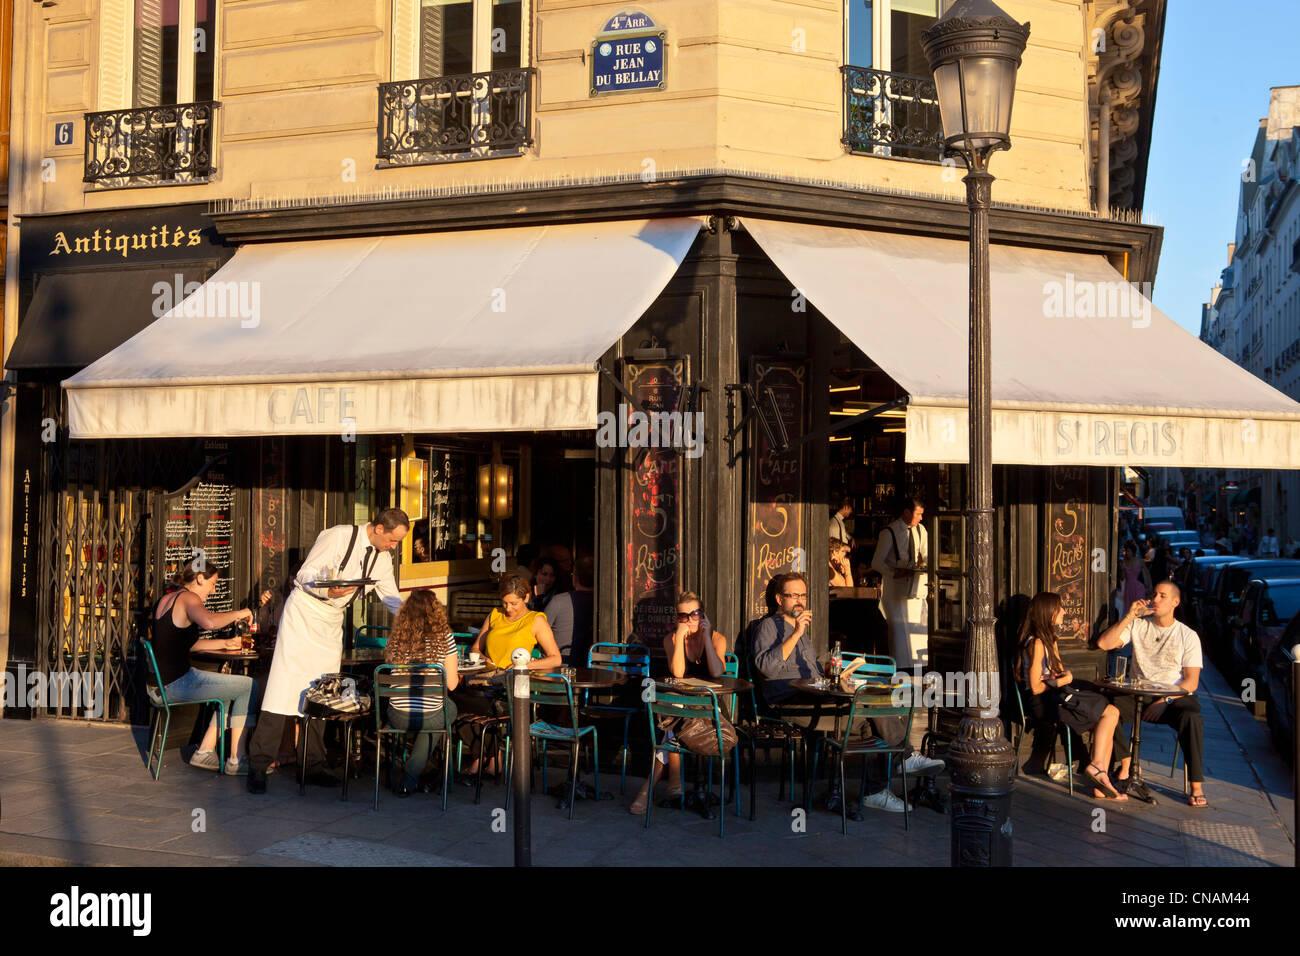 France, Paris, the Ile Saint Louis, cafe restaurant Stock Photo ...